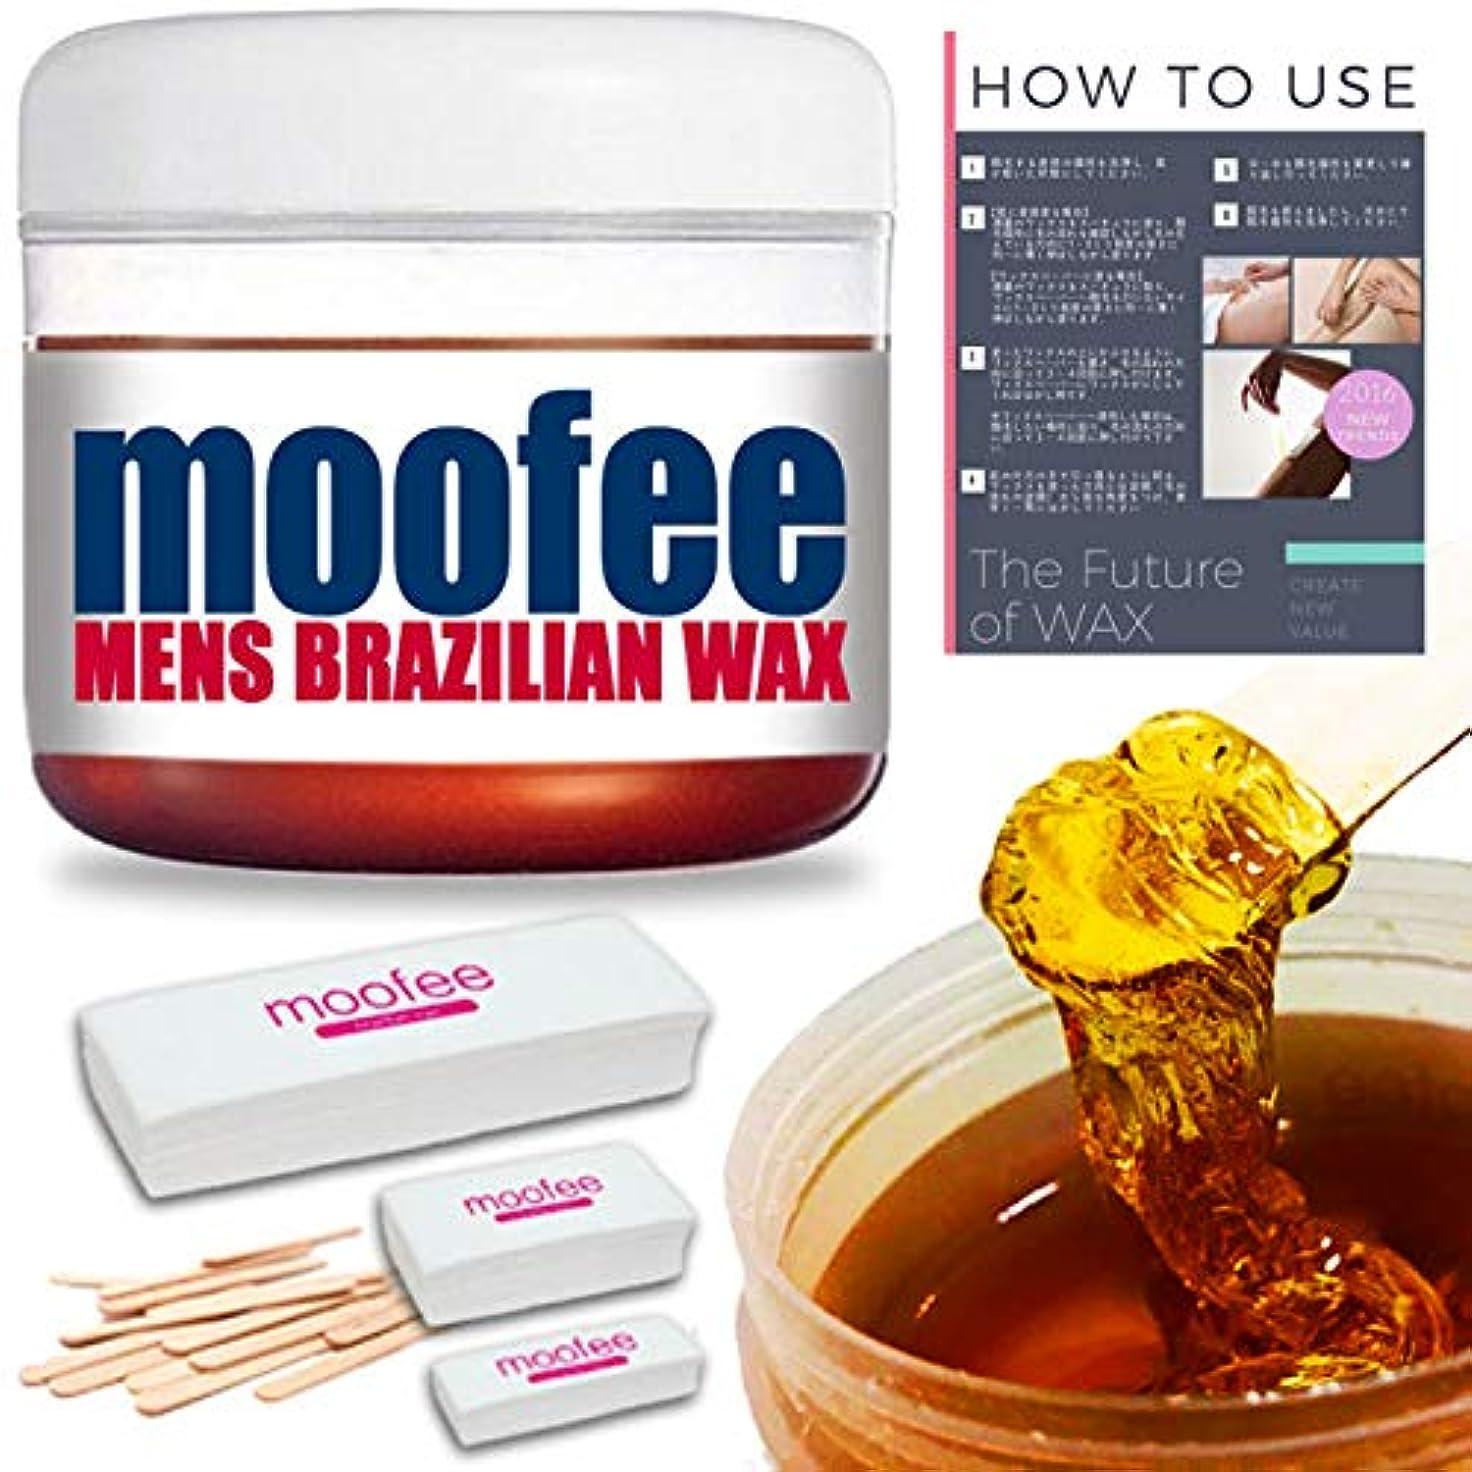 マウスピースカロリー戸惑うメンズブラジリアンワックス 脱毛ワックス 男性用 moofee スターターキット